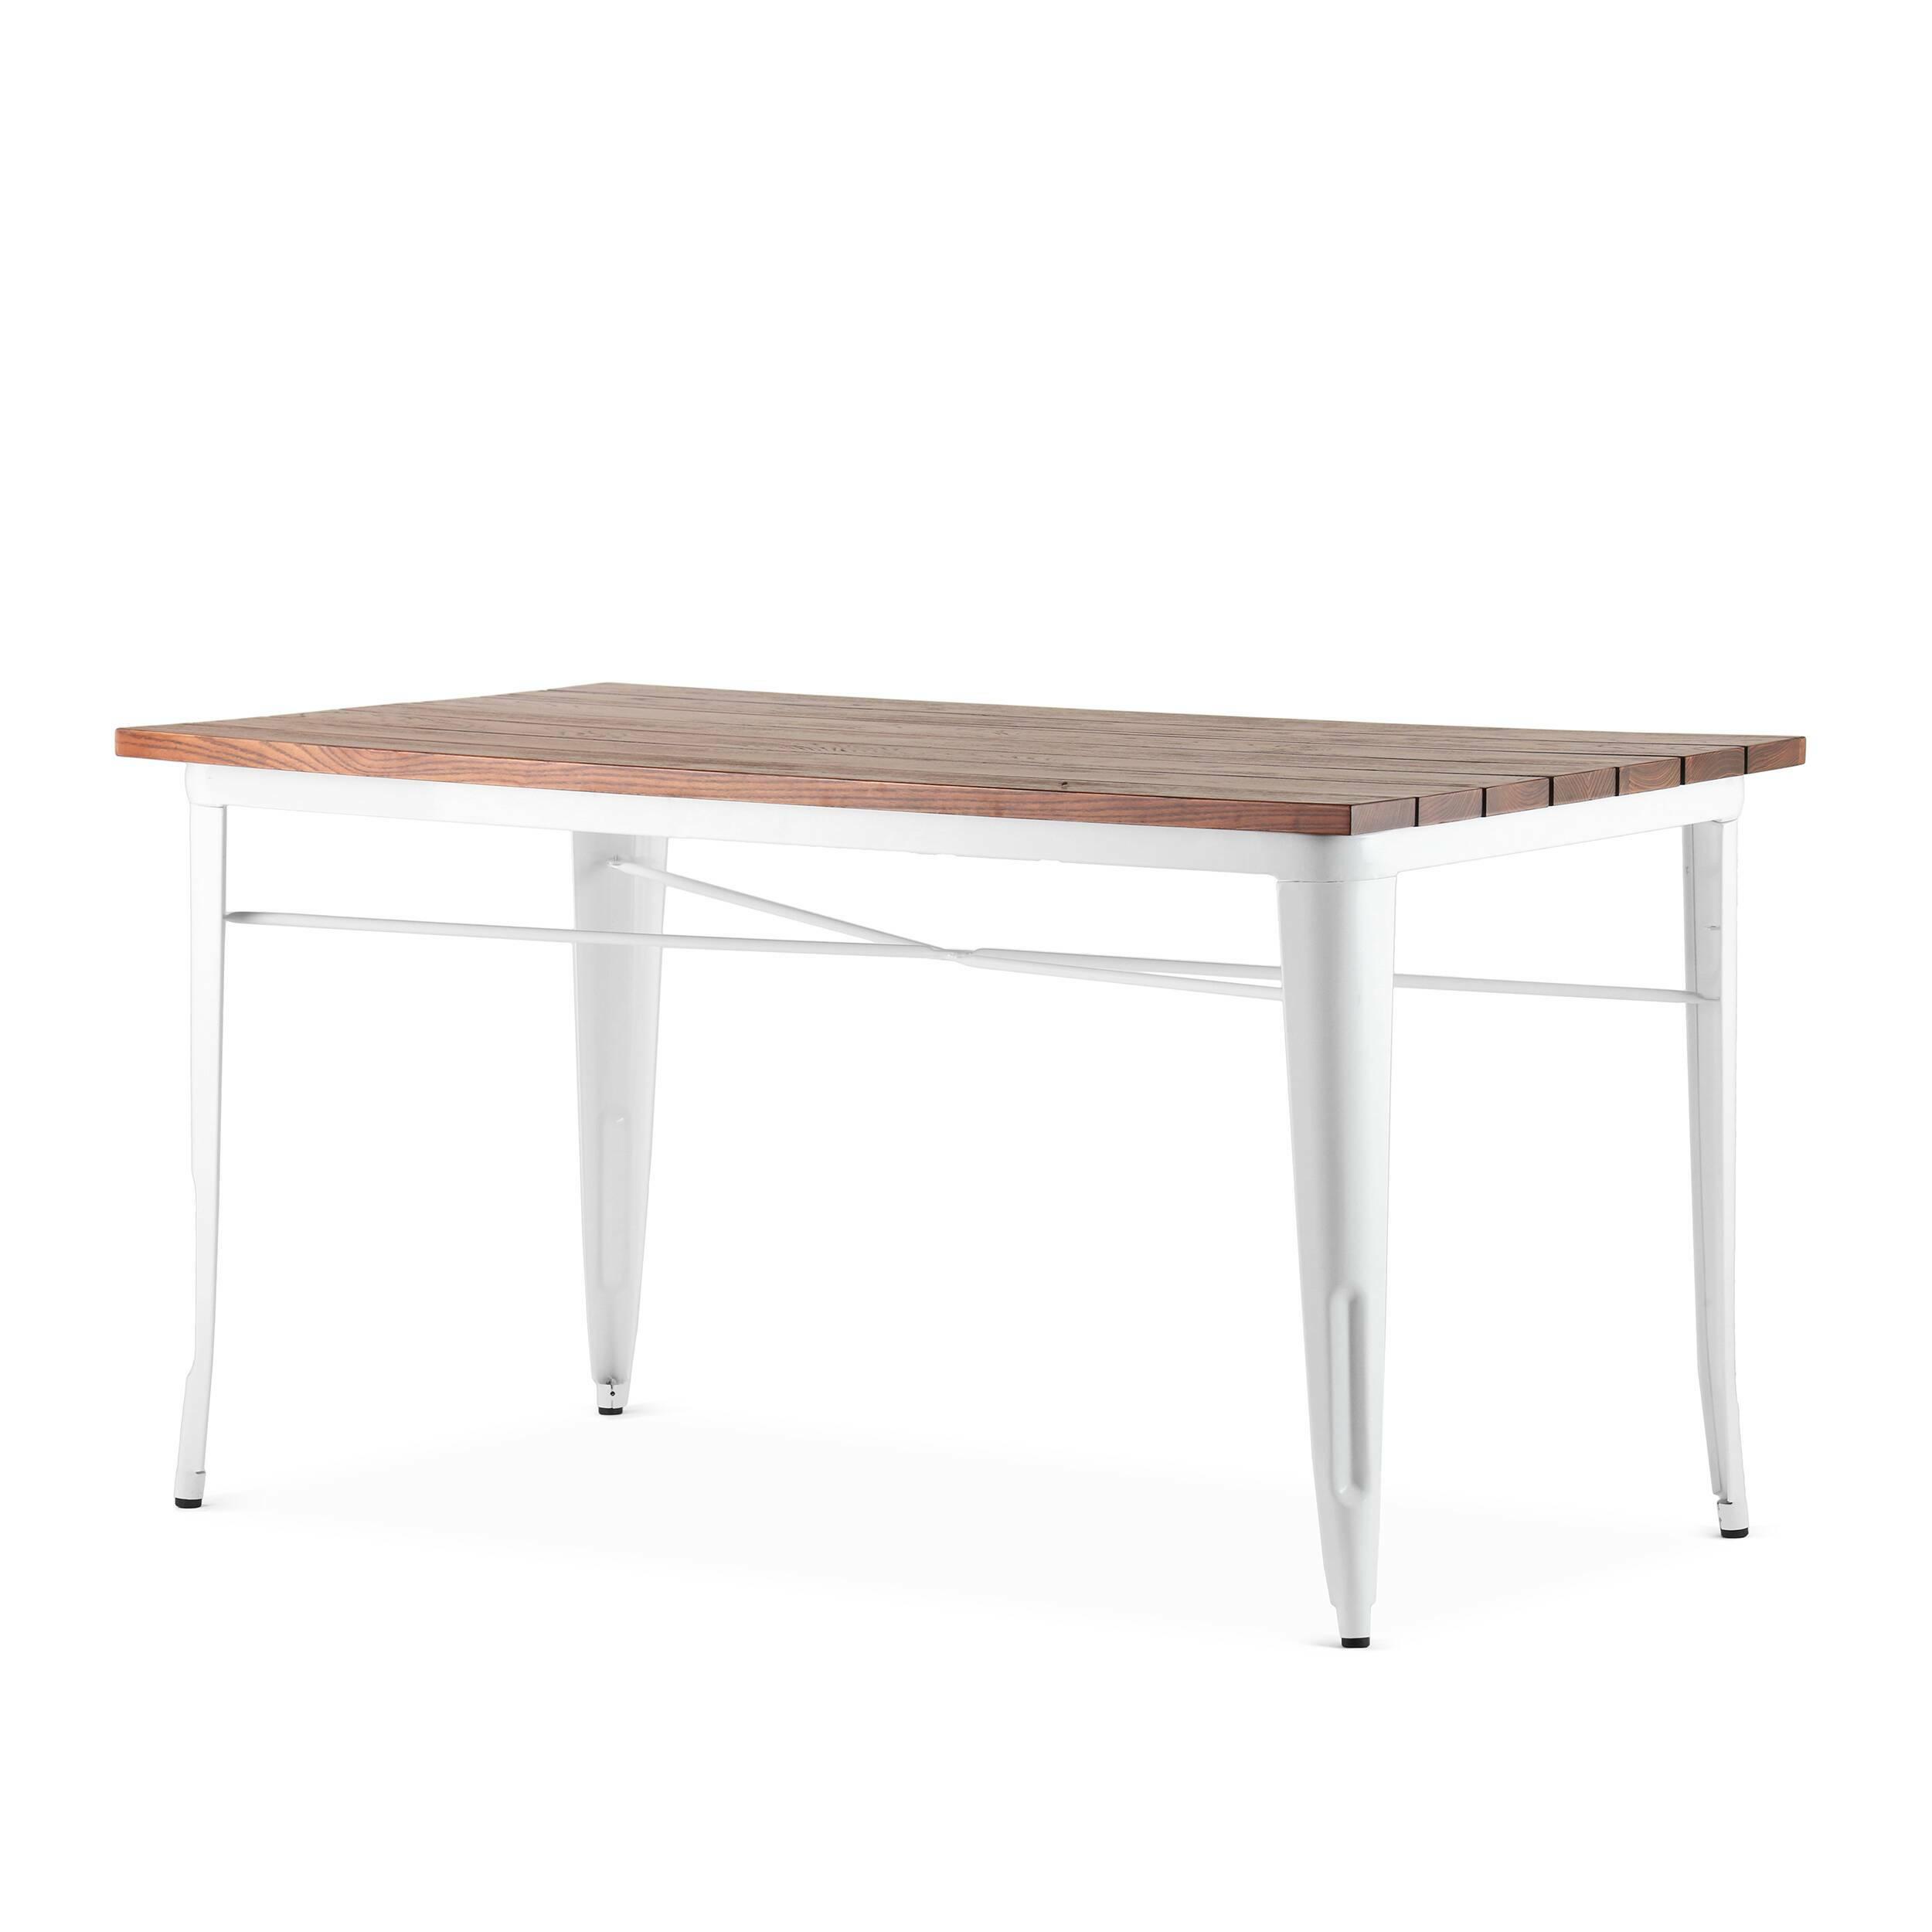 Обеденный стол Marais длина 145Обеденные<br>Стол Marais длина 145 — сделан по эскизам дизайнера Ксавье Пошара, считающегося легендой мирового дизайна. Предметы мебели и обихода, разработанные этим дизайнером, отличались надежностью, высоким качеством и предназначались как для домашнего, так и коммерческого использования. Стол Marais можно было встретить и на ярмарках, и в бистро, и на задних двориках. Такую широкую популярность это изделие обрело благодаря прочности своей конструкции из гальванизированной стали, благородной и лакони...<br><br>stock: 0<br>Высота: 73<br>Ширина: 75<br>Длина: 145<br>Цвет ножек: Белый<br>Цвет столешницы: Коричневый<br>Материал столешницы: Массив ивы<br>Тип материала столешницы: Дерево<br>Тип материала ножек: Сталь